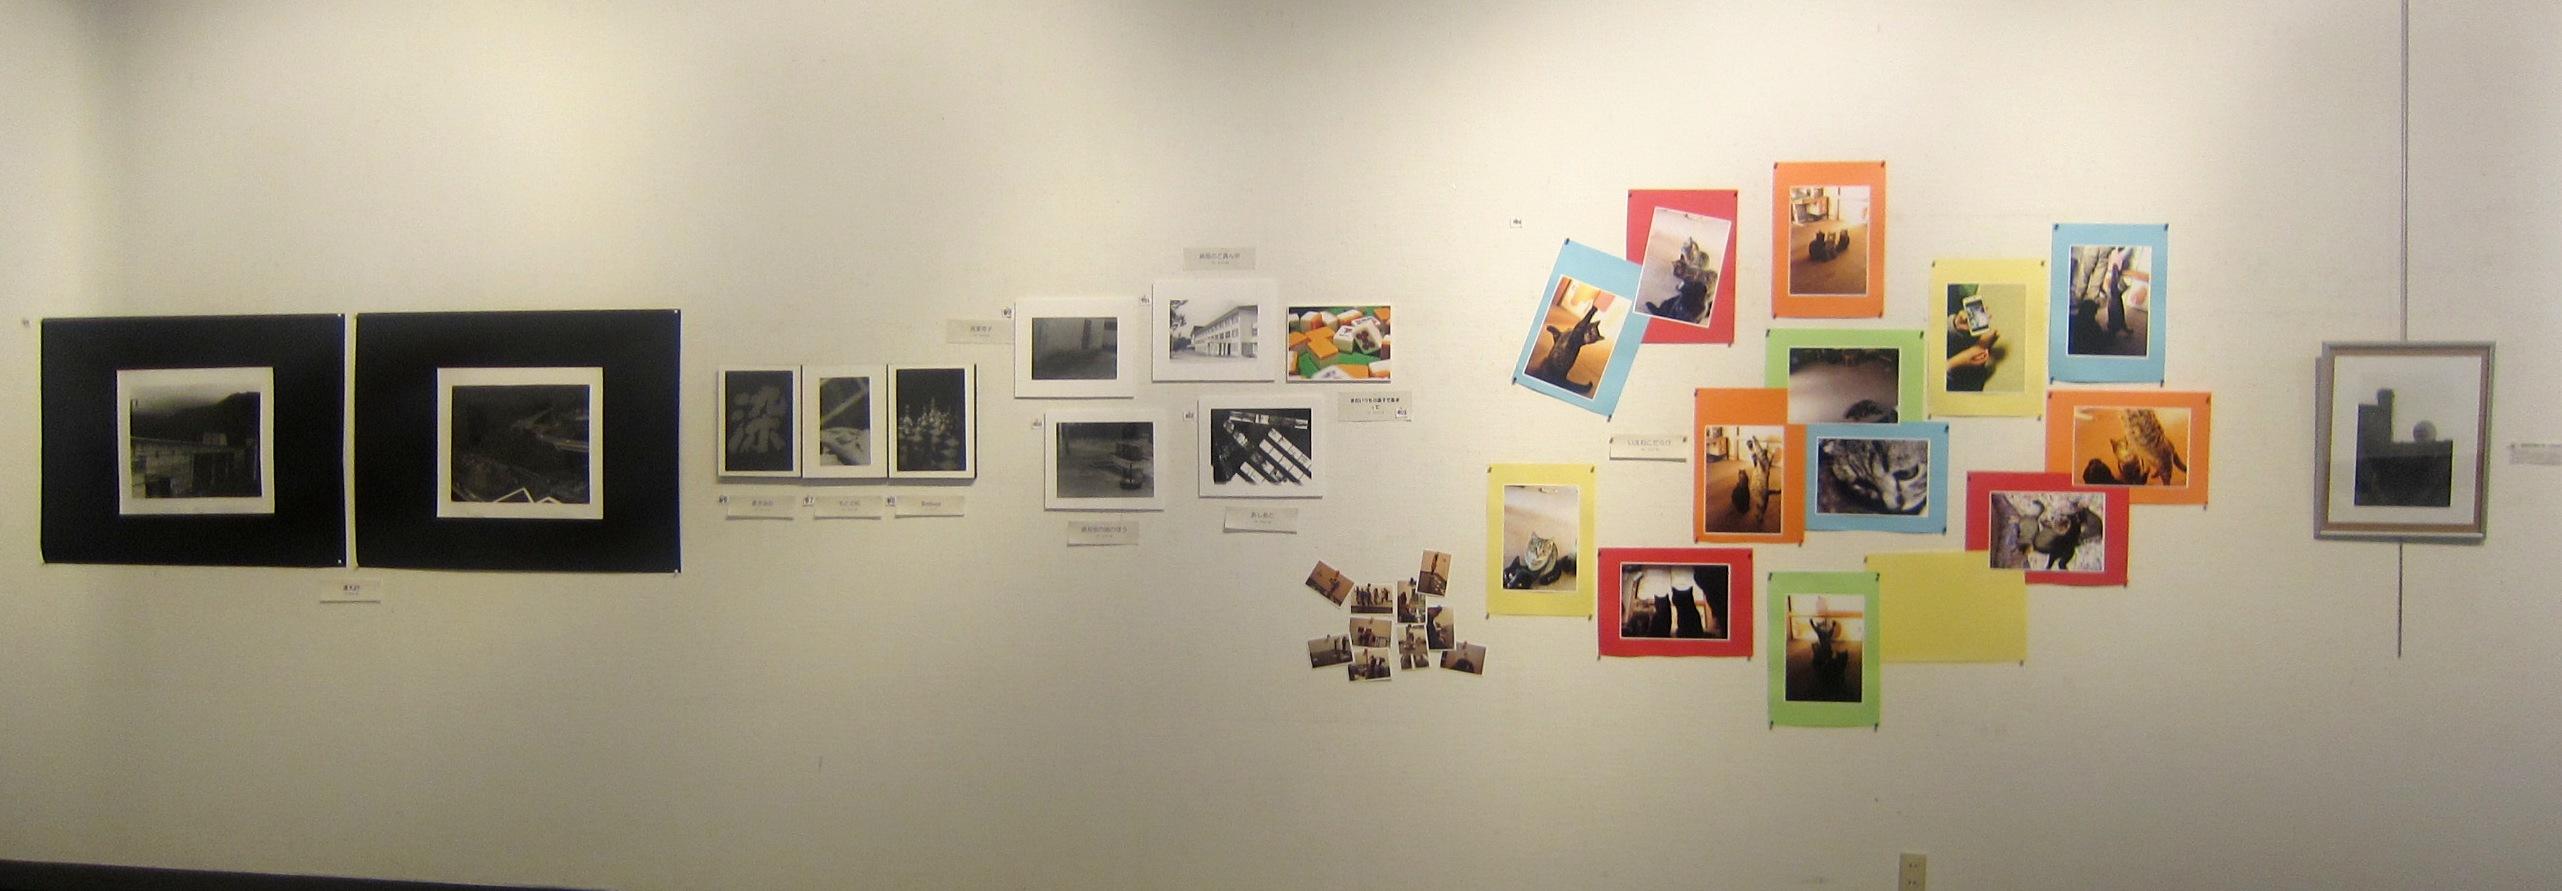 1943)①「札幌大学写真部 卒業写真展 & 学外写真展」 市民g. 終了2月20日(水)~2月24日(日)  _f0126829_21493776.jpg